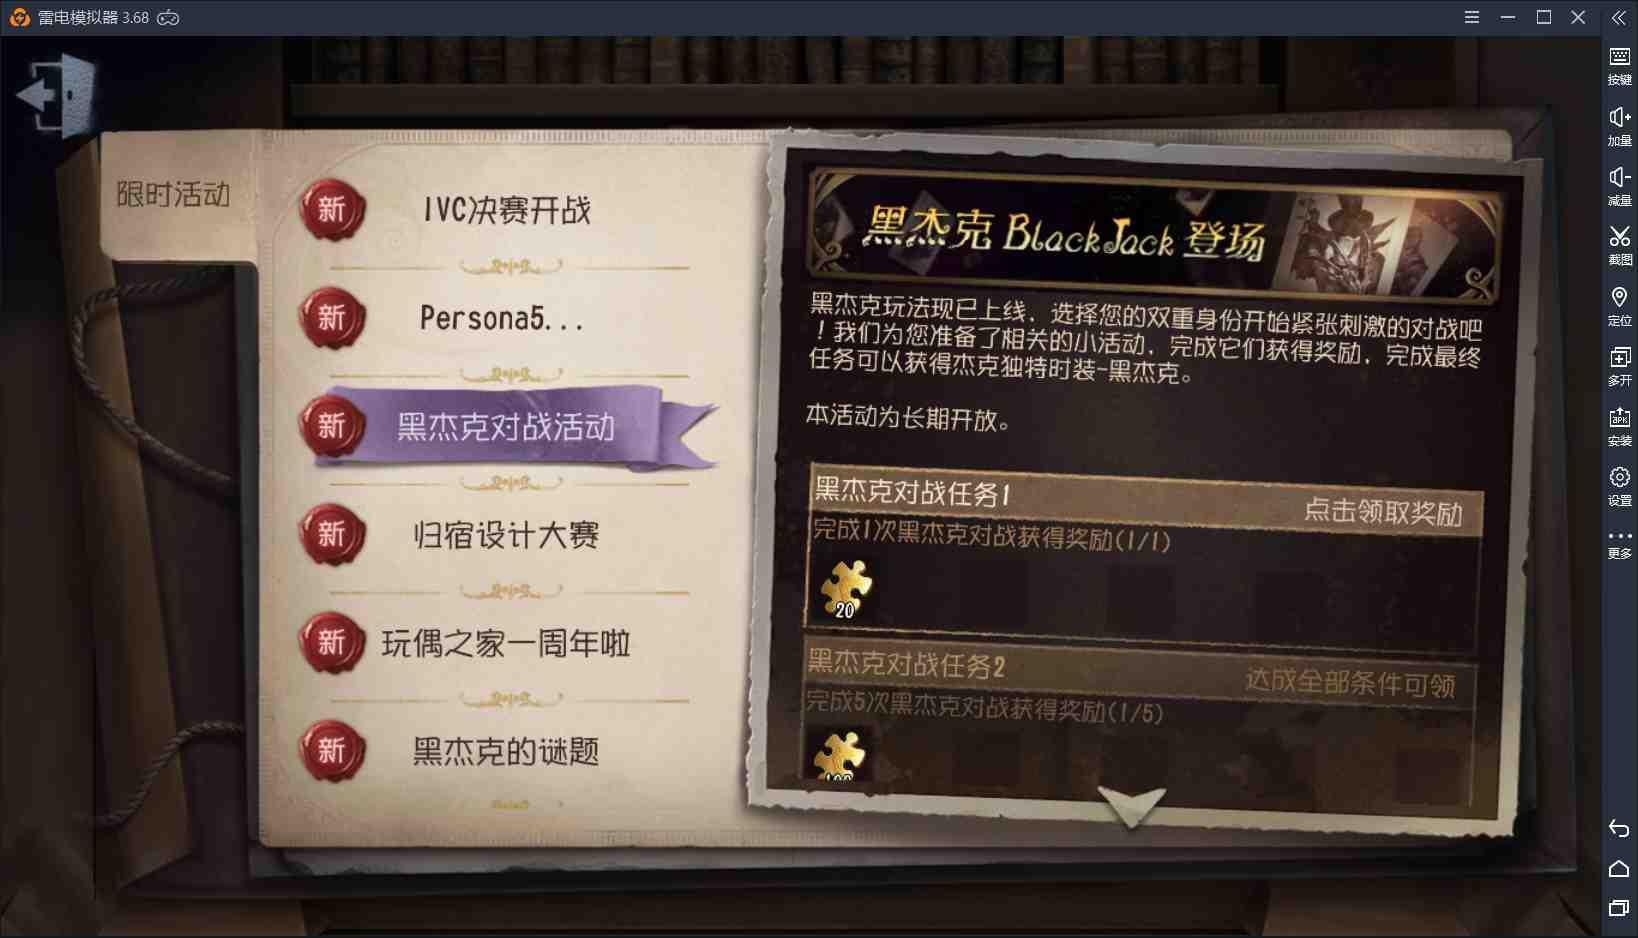 【第五人格】紧张刺激的新玩法上线,黑杰克该怎么玩?